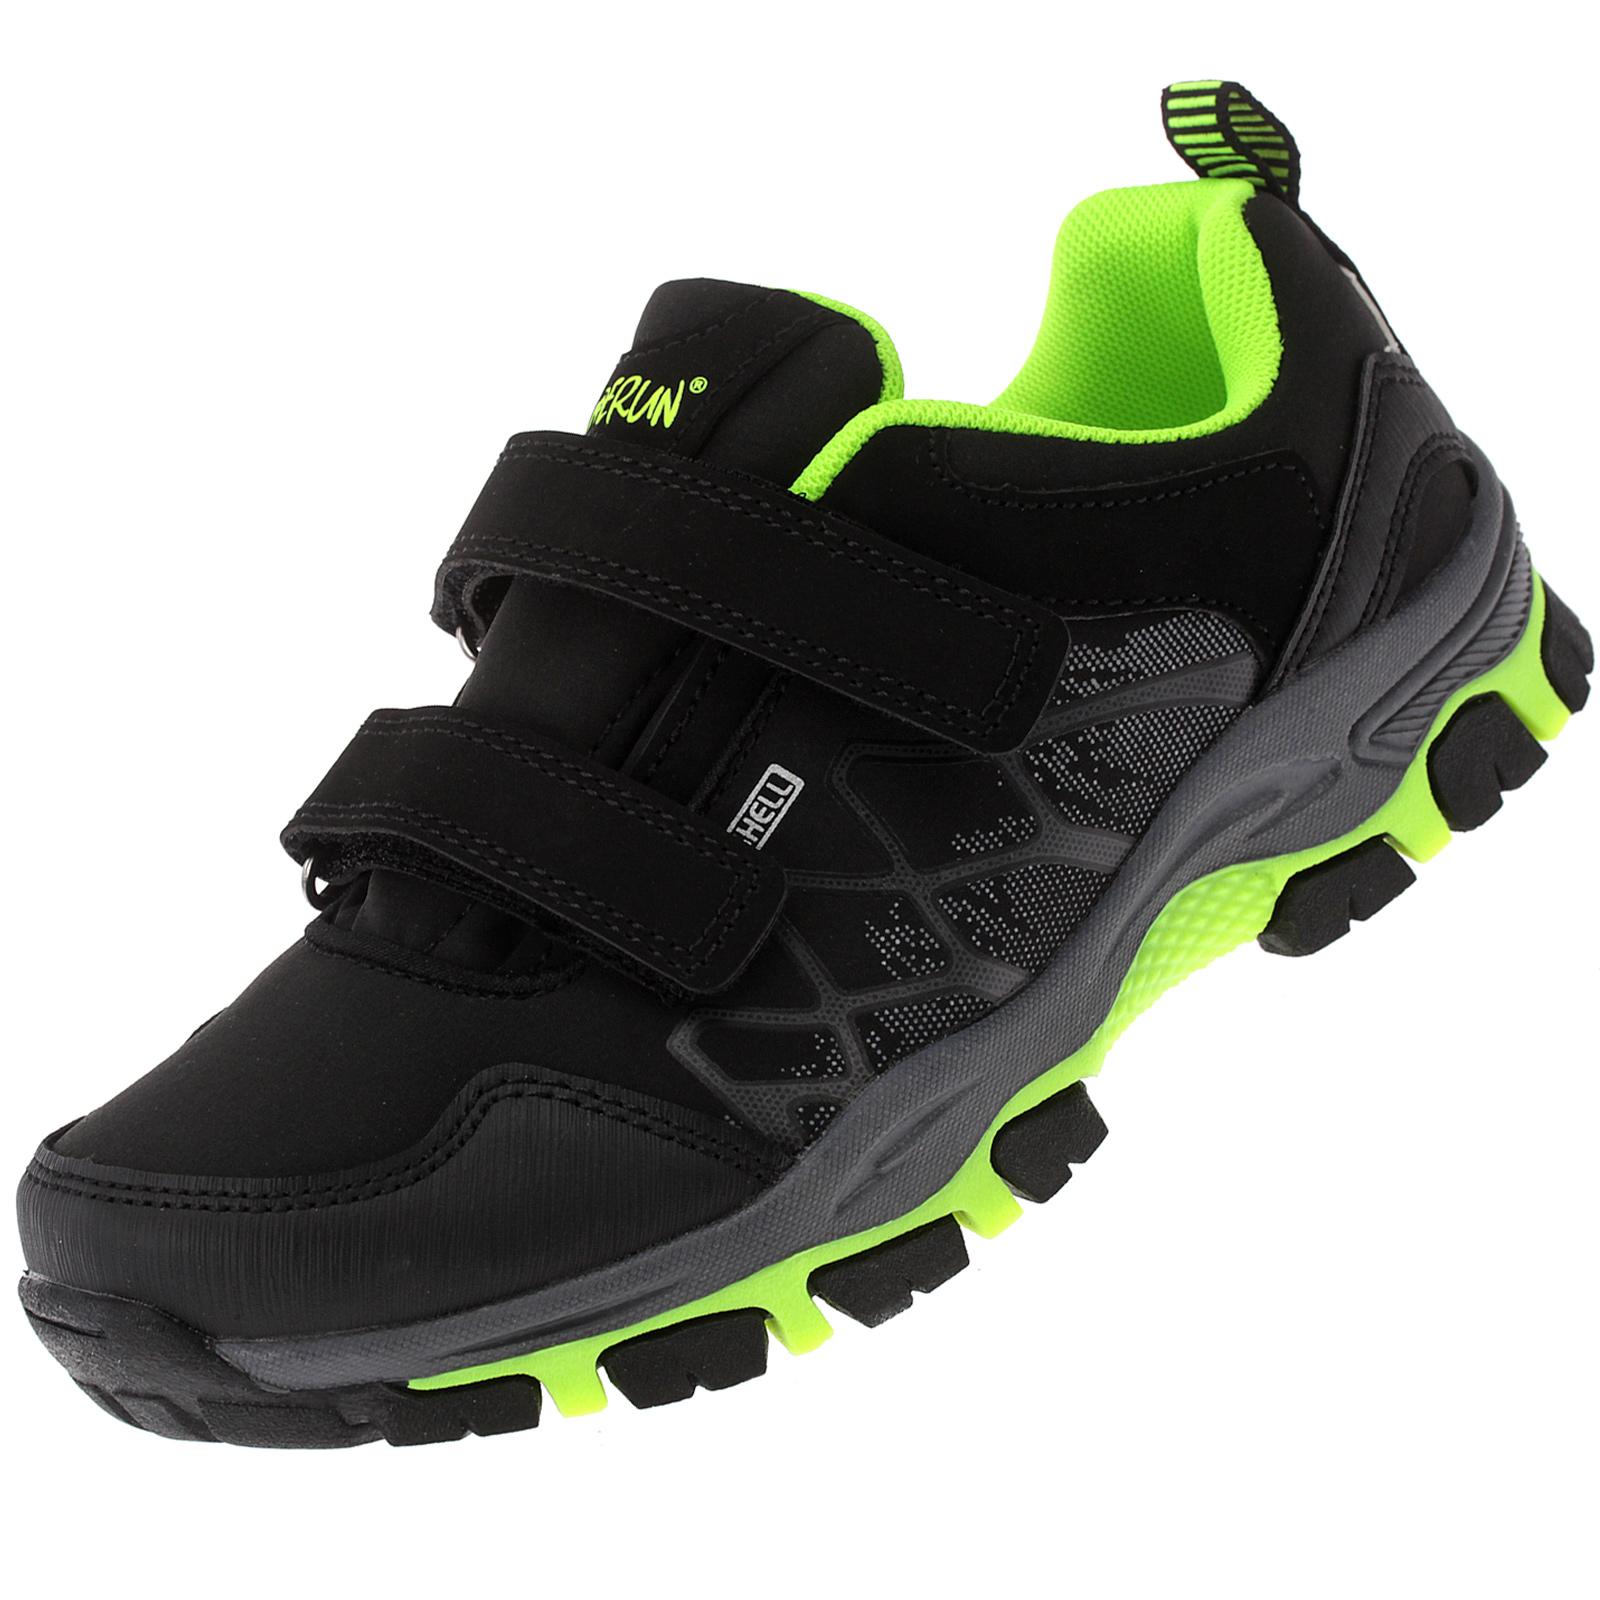 Kinderschuhe Sneaker Outdoor Trekkingschuhe Klettverschluss Sportschuhe Freizeitschuhe 8041